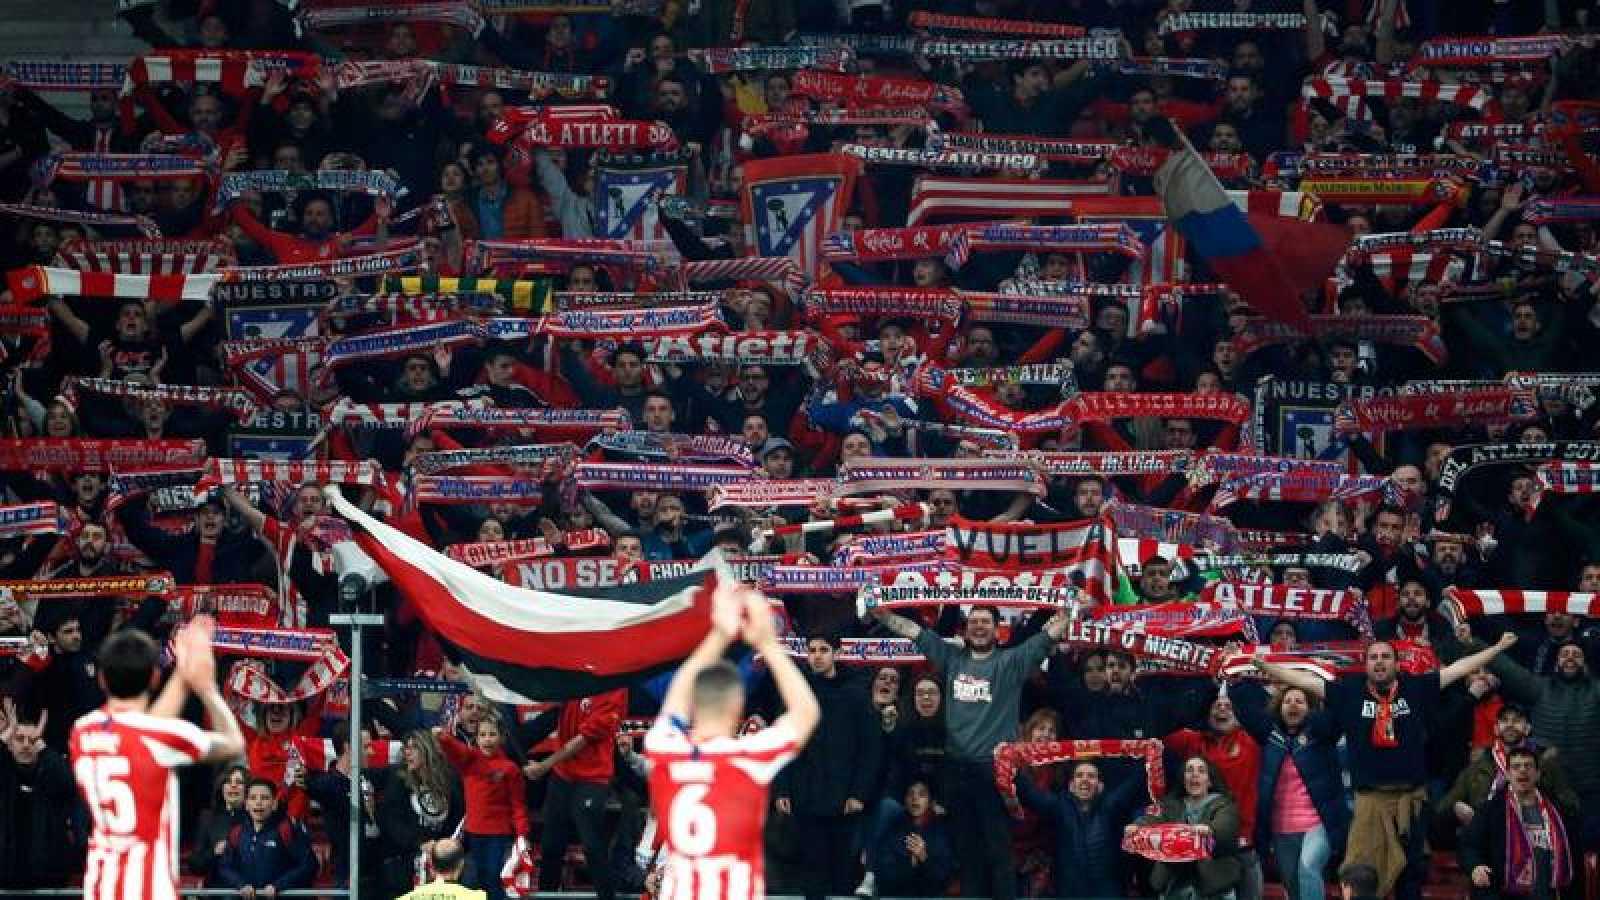 La afición del Atlético, en el Wanda Metropolitano.